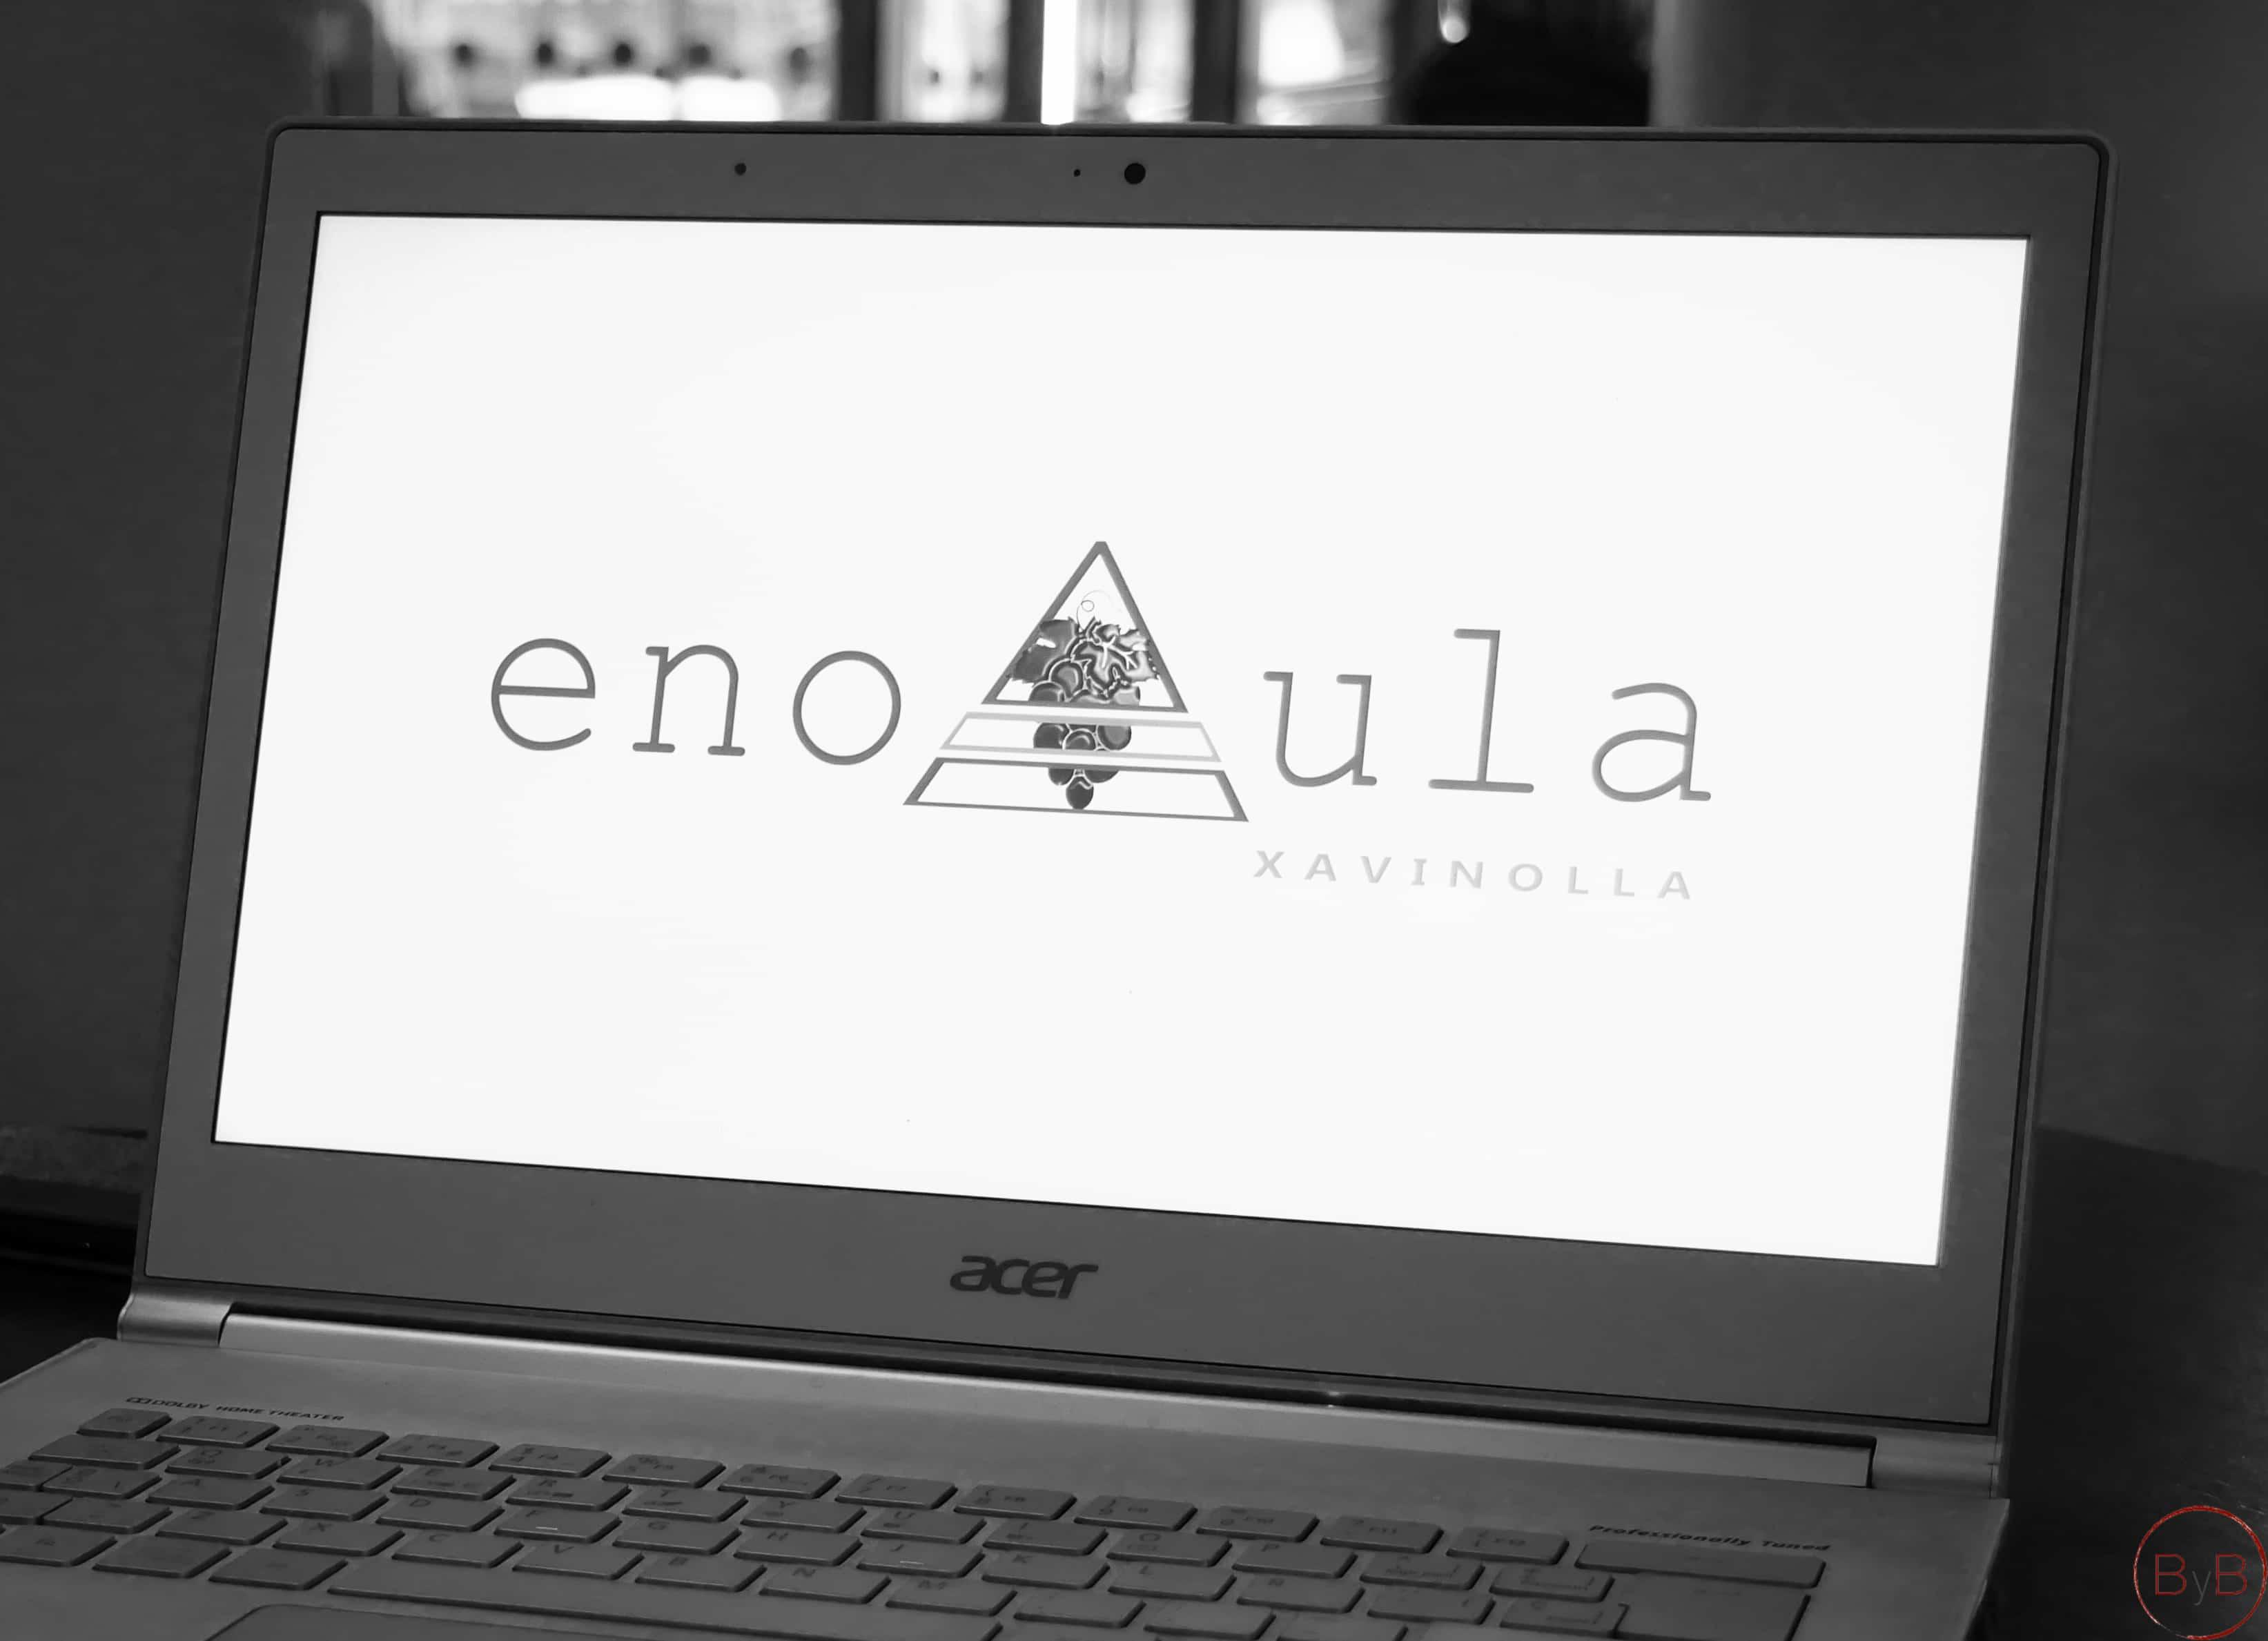 Enoaula